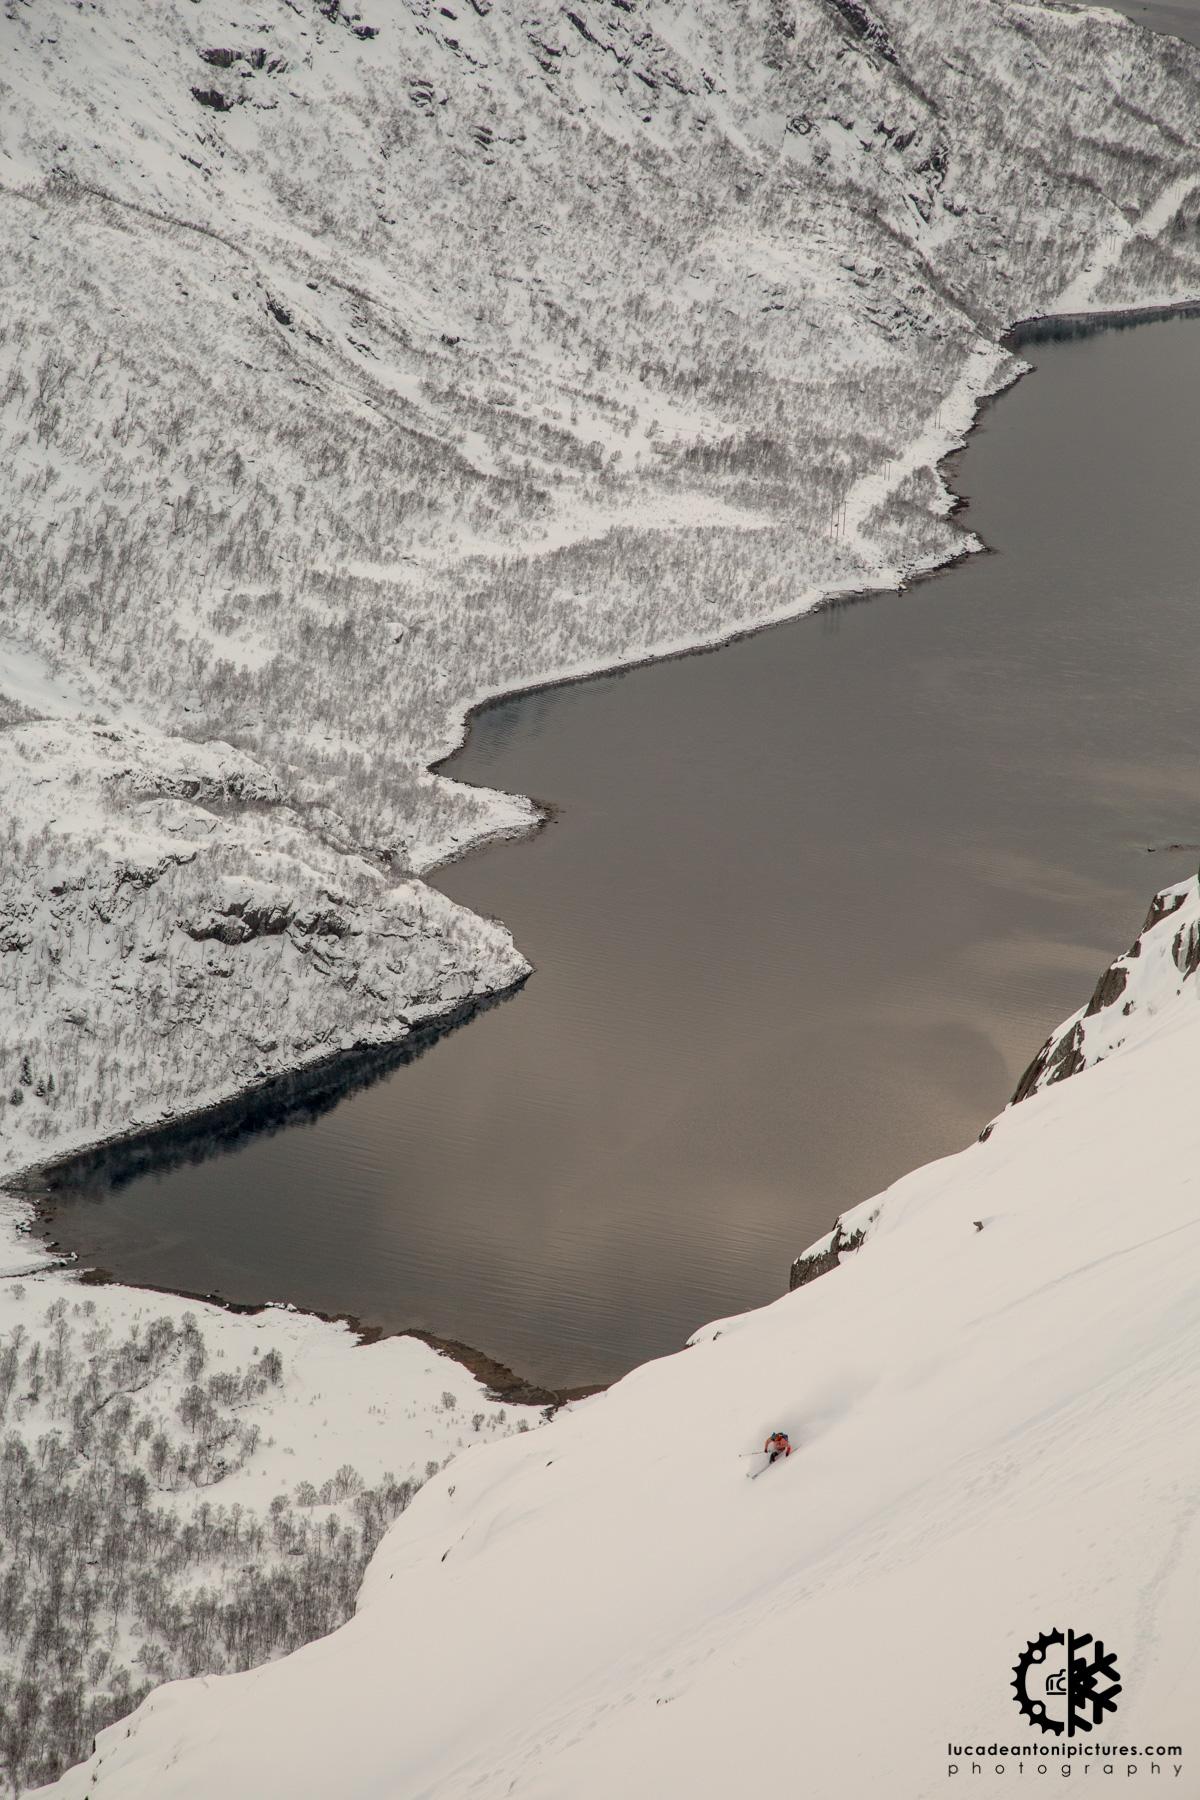 Skier: Denis Soverini - Location: Lofoten